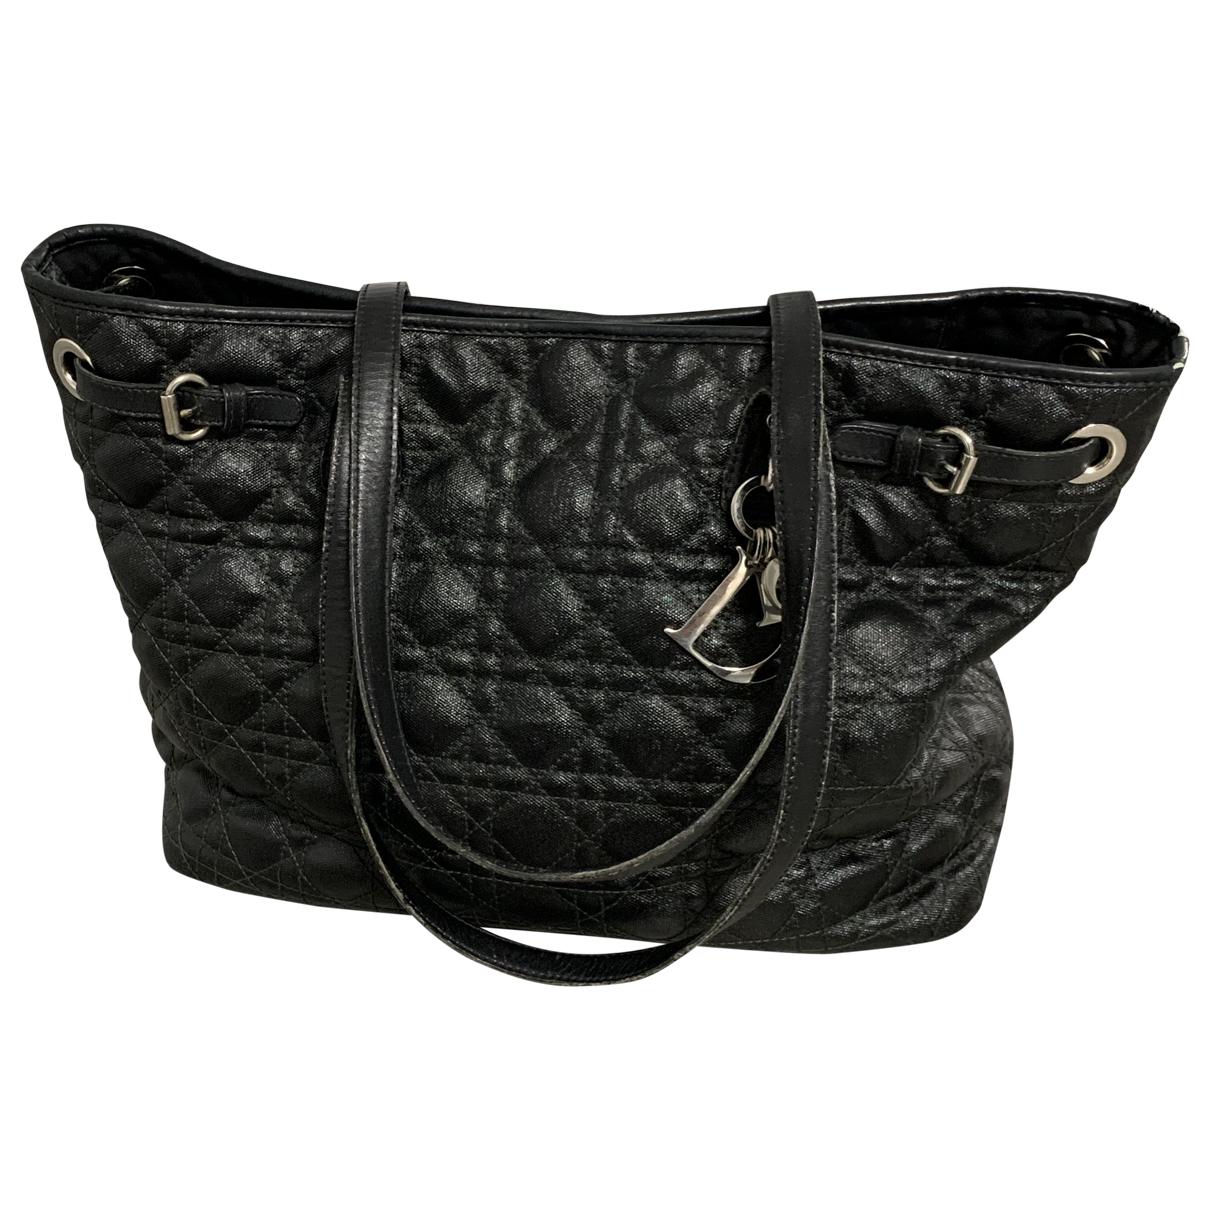 Dior - Sac a main Dior Panarea pour femme en toile - noir